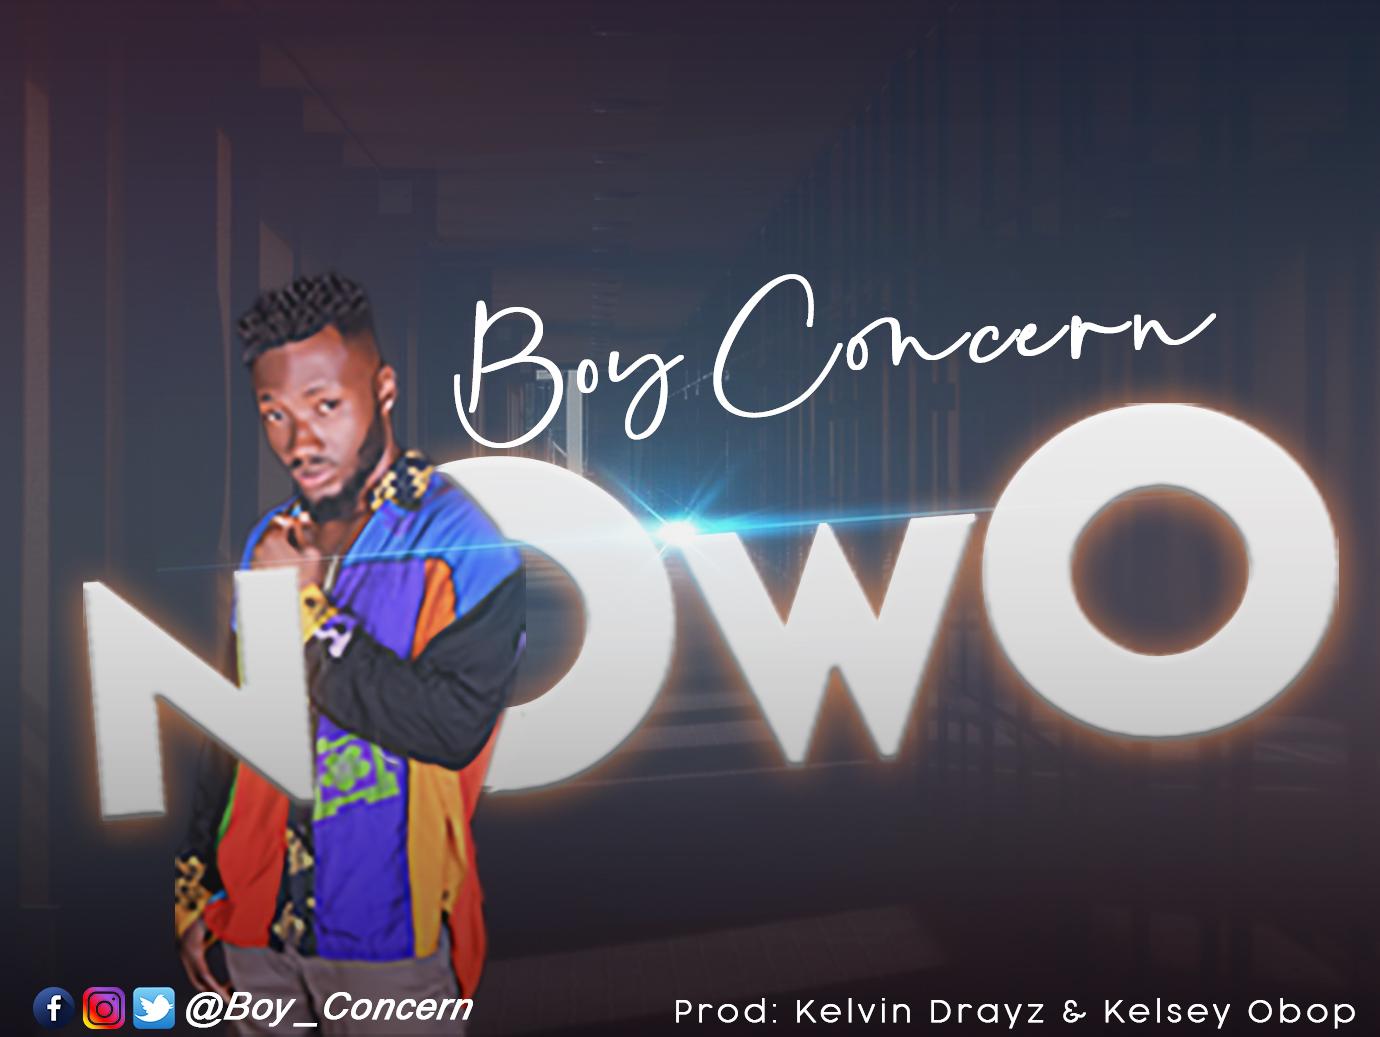 Boy Concern - Nowo